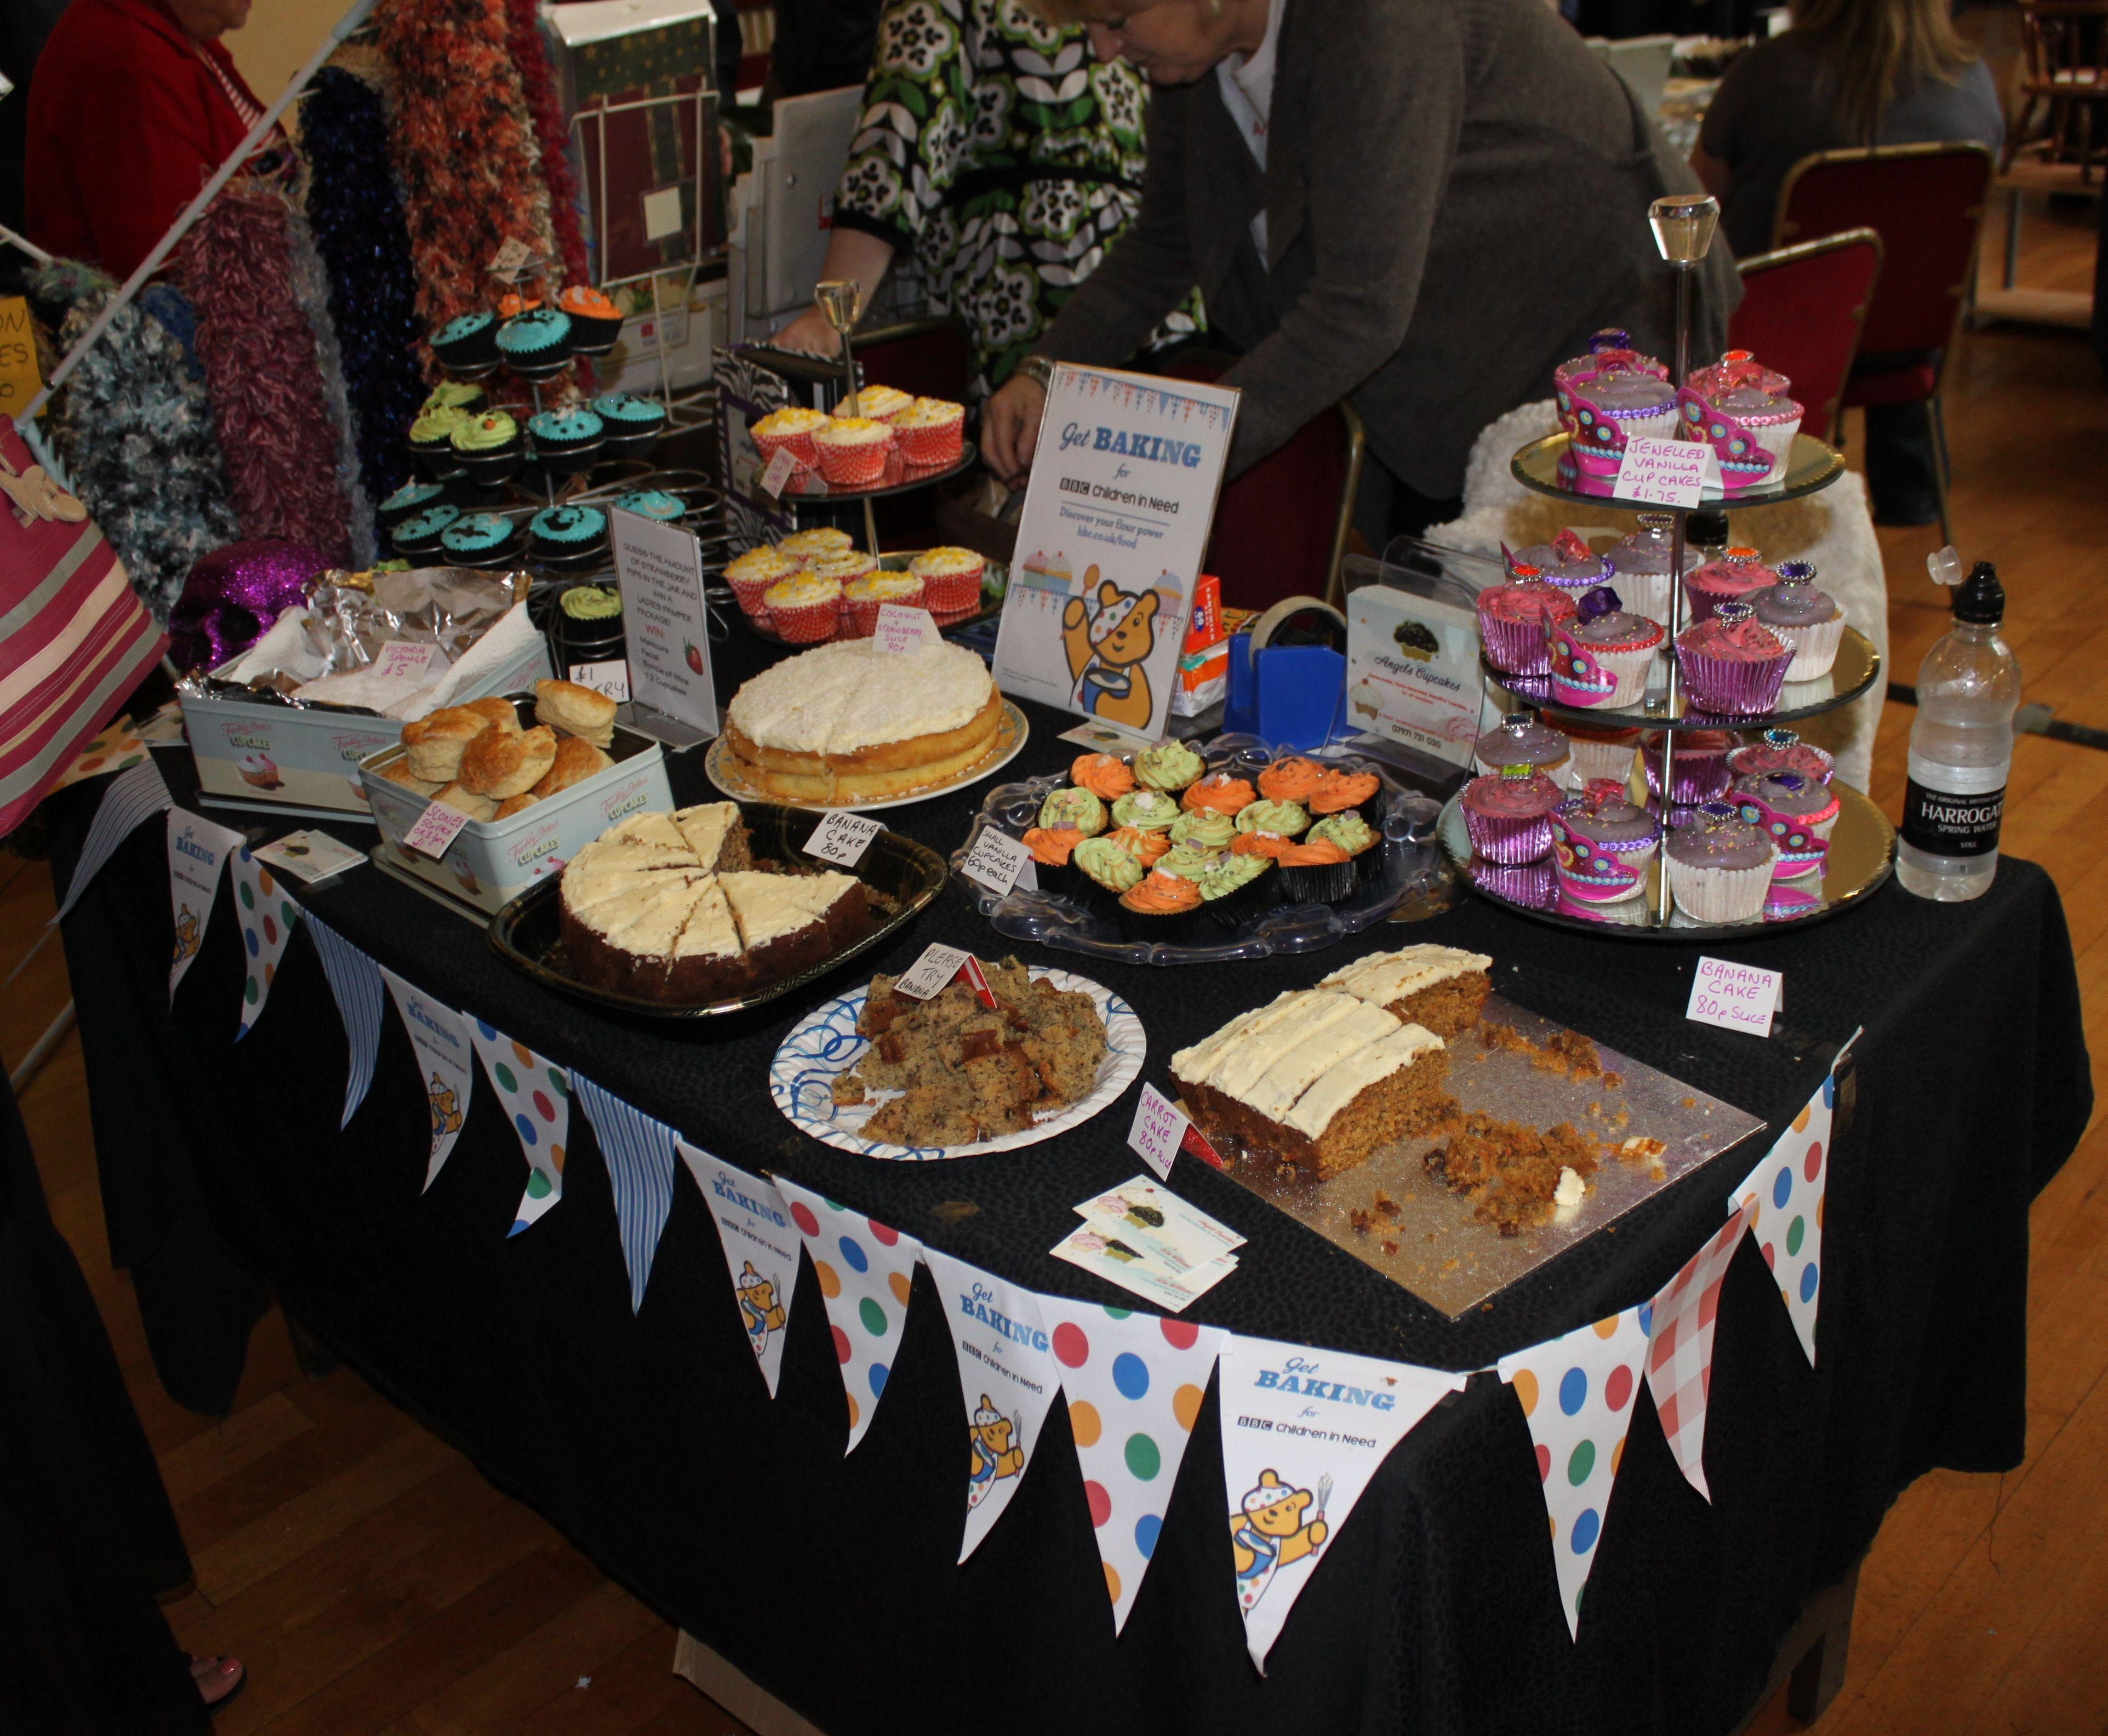 best images about bake bazaar bake 17 best images about bake bazaar bake ideas gooey brownies and cookies